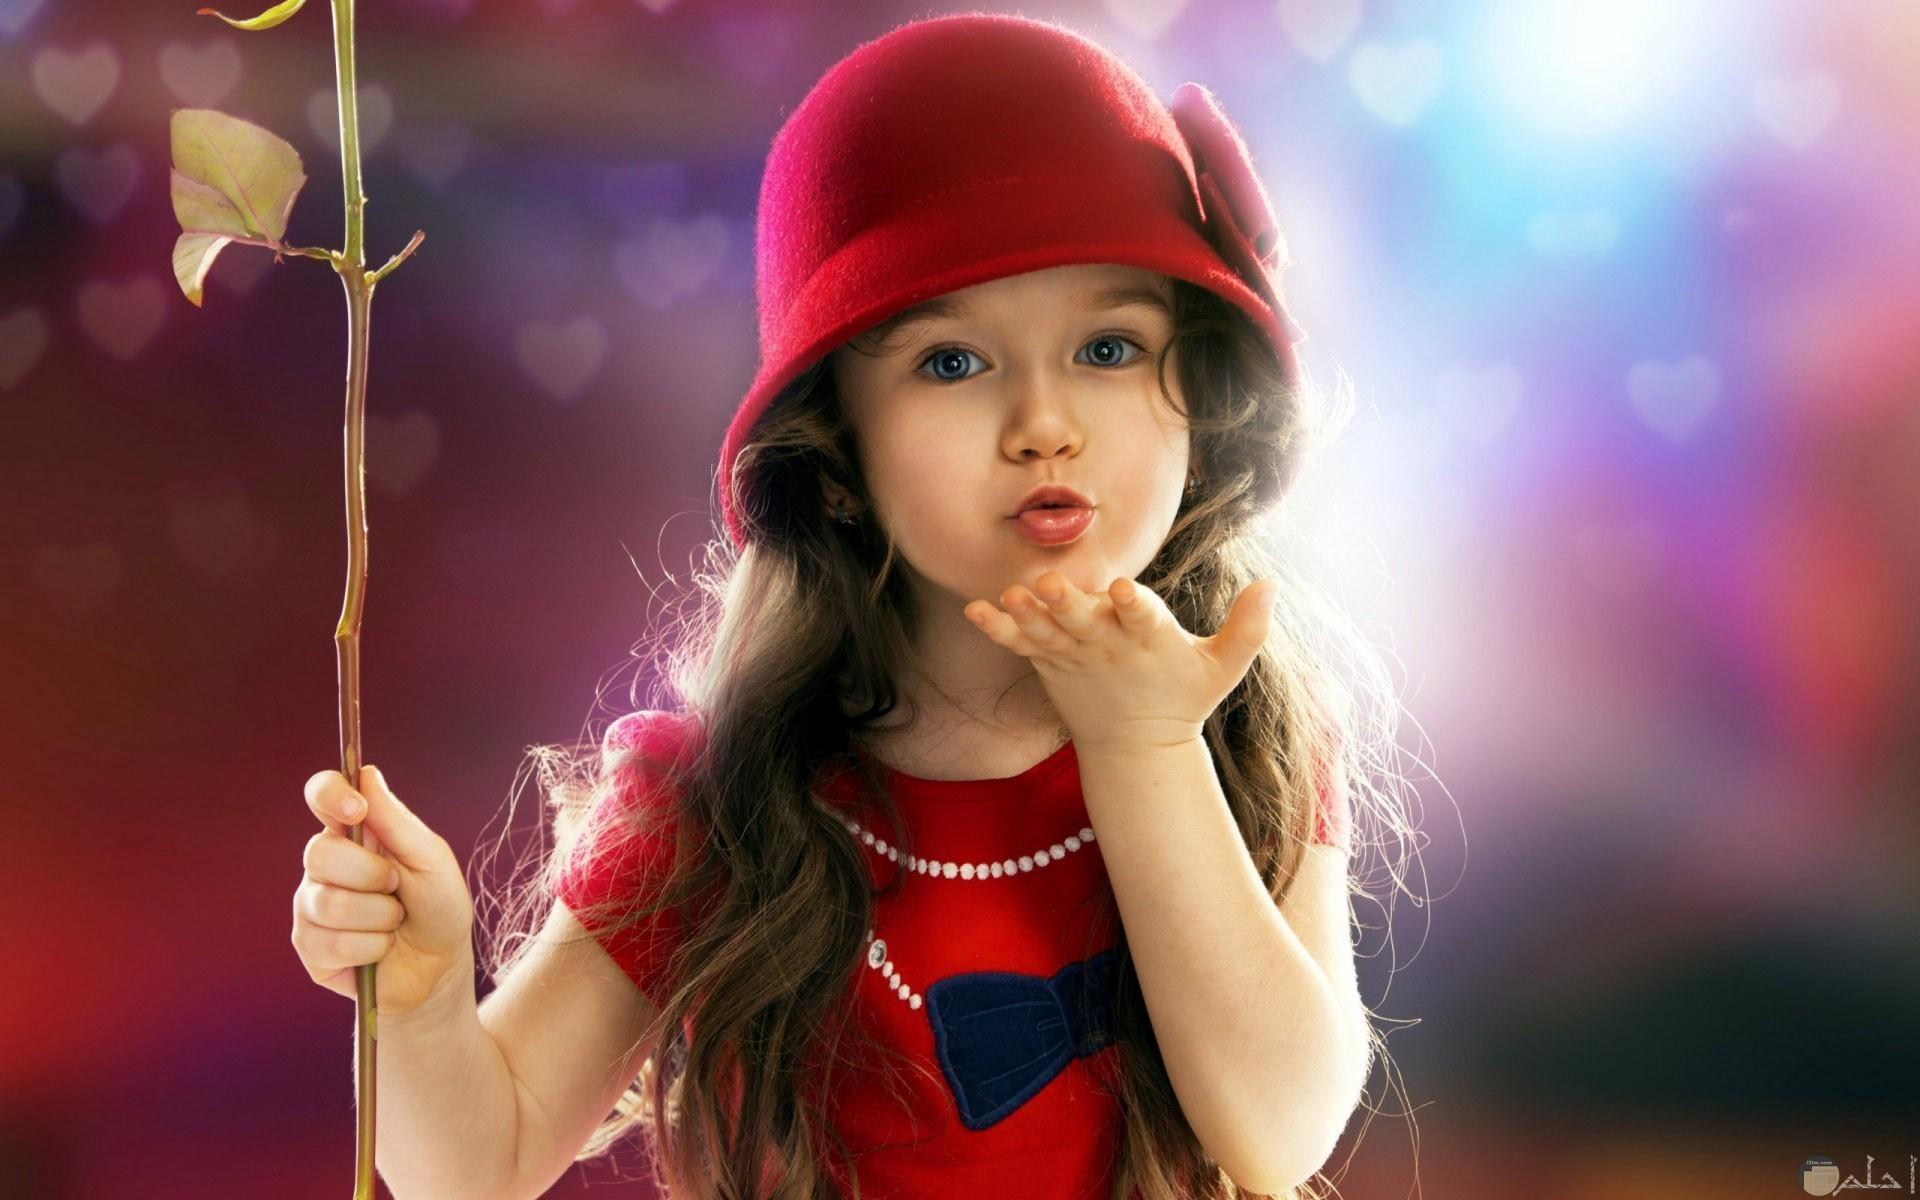 بنت بفستان أحمر و طقية حمراء.